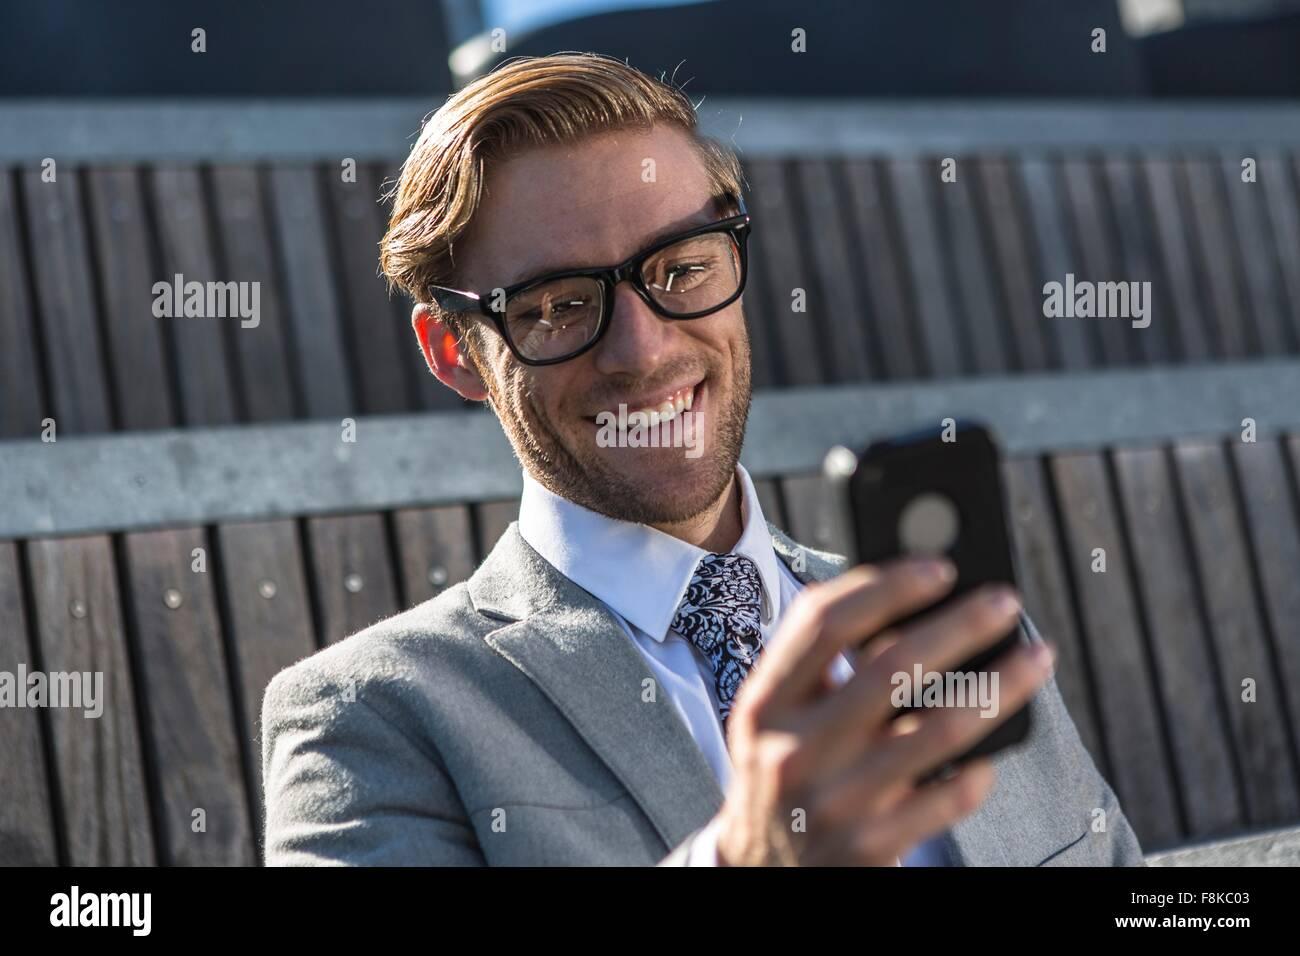 Young businessman reading text smartphone en ville Banque D'Images